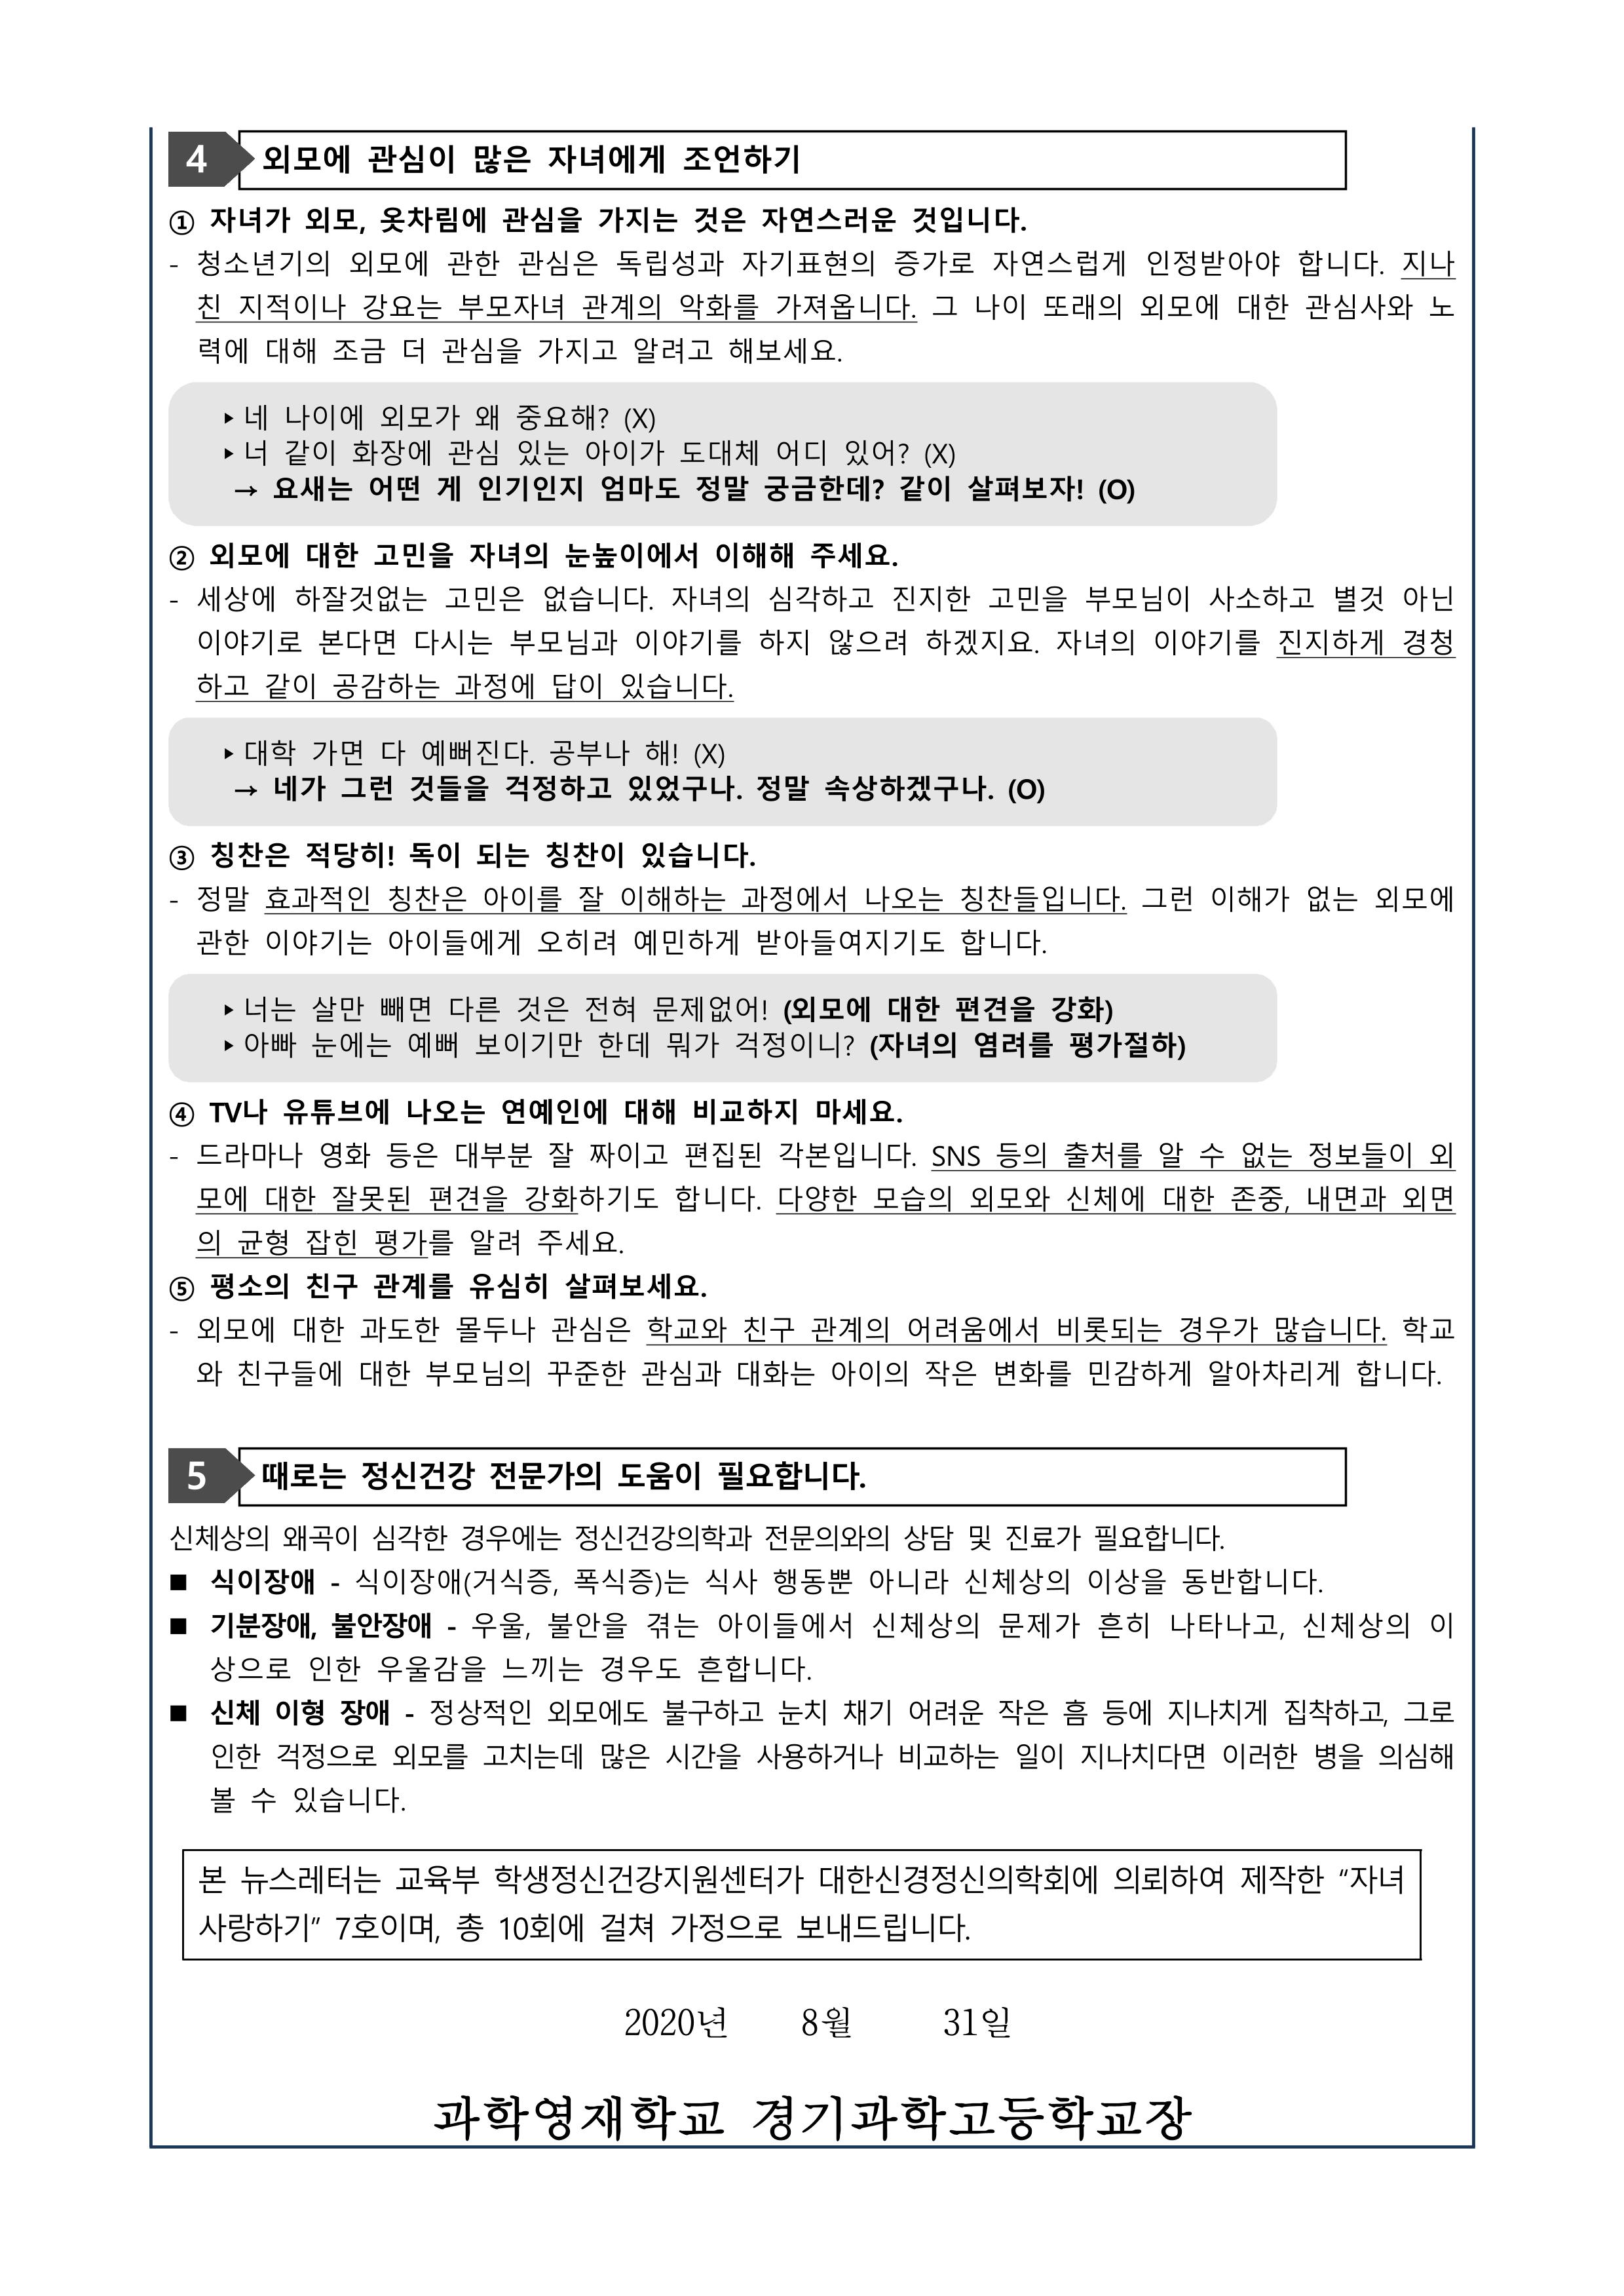 뉴스레터 자녀사랑하기 제2020-7호 가정통신문 2Page.